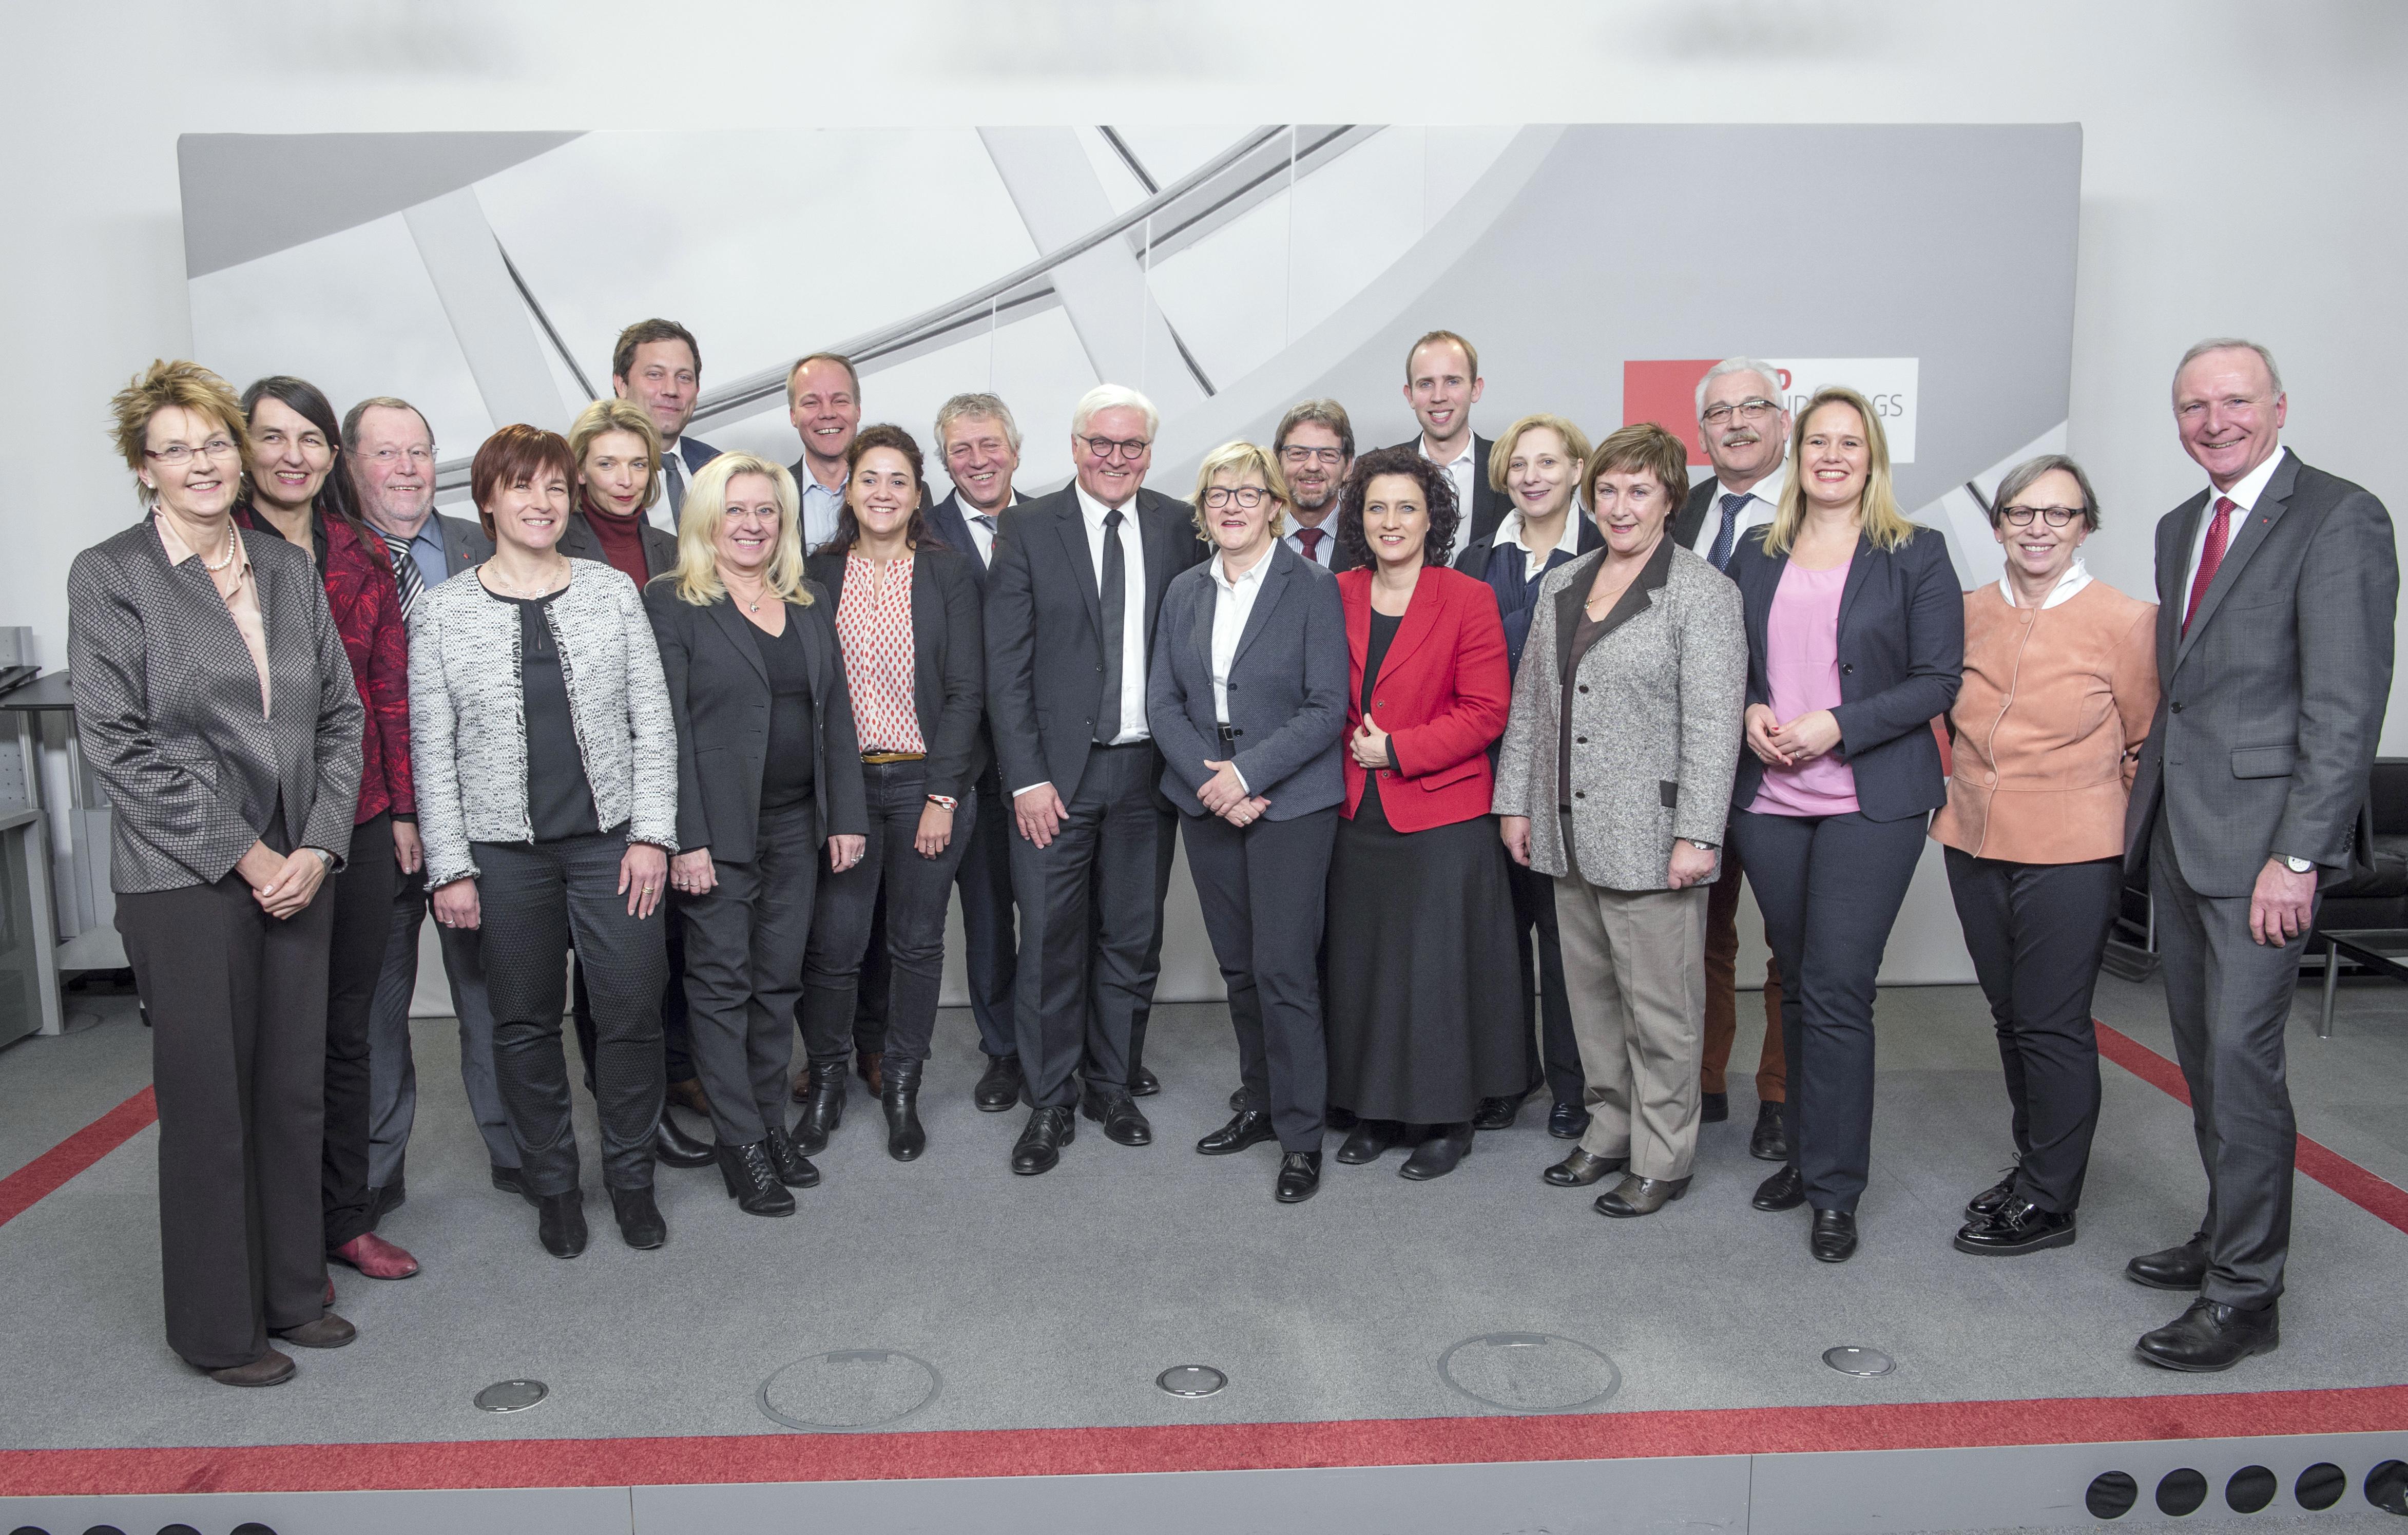 Dr. Frank-Walter Steinmeier und die SPD-Landesgruppe Niedersachsen (Foto: Andreas Amman)